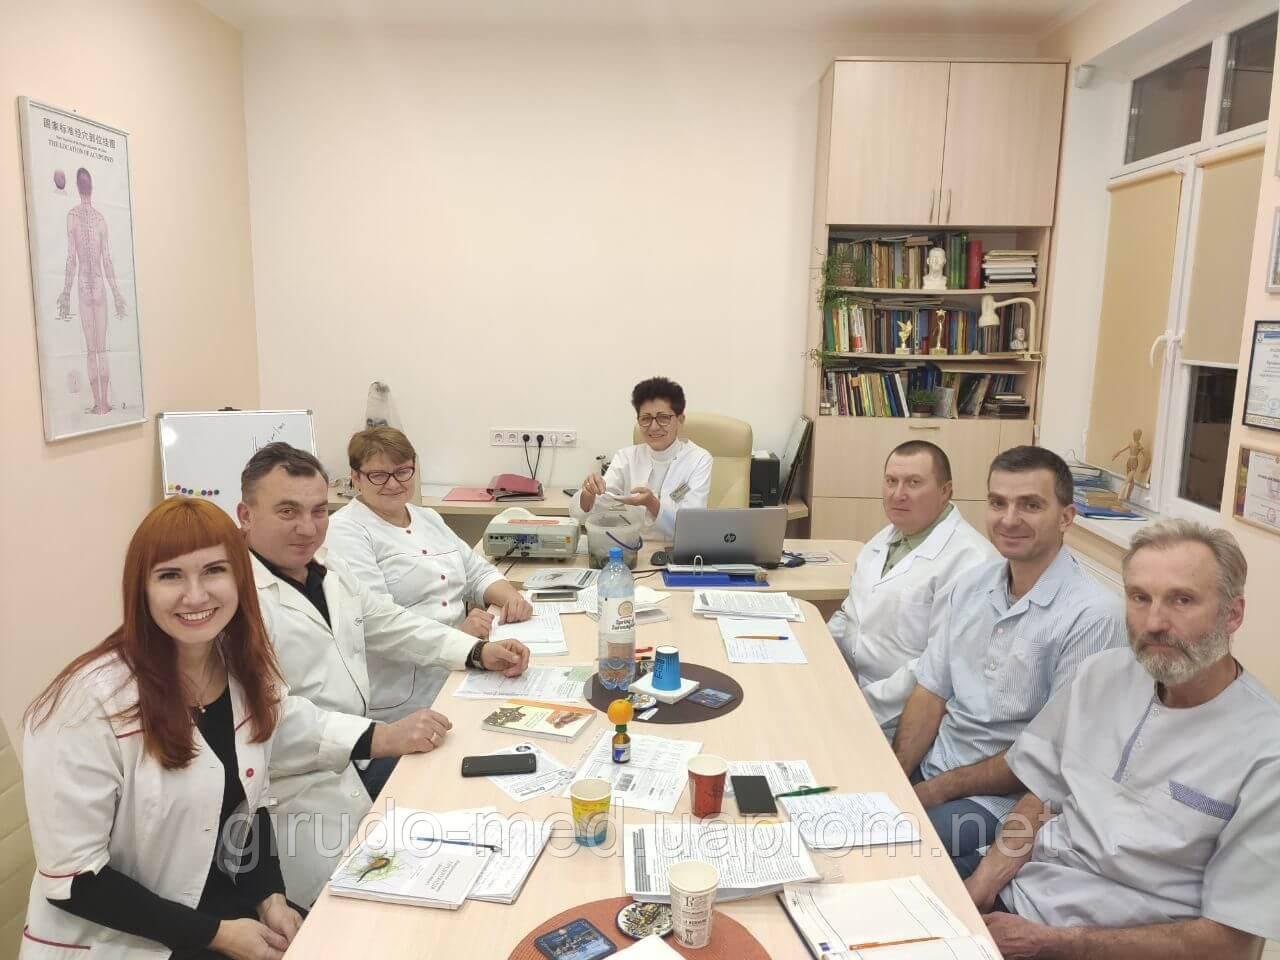 Обучение гирудотерапии 4 дня. Авторский курс Лидии Куплевской